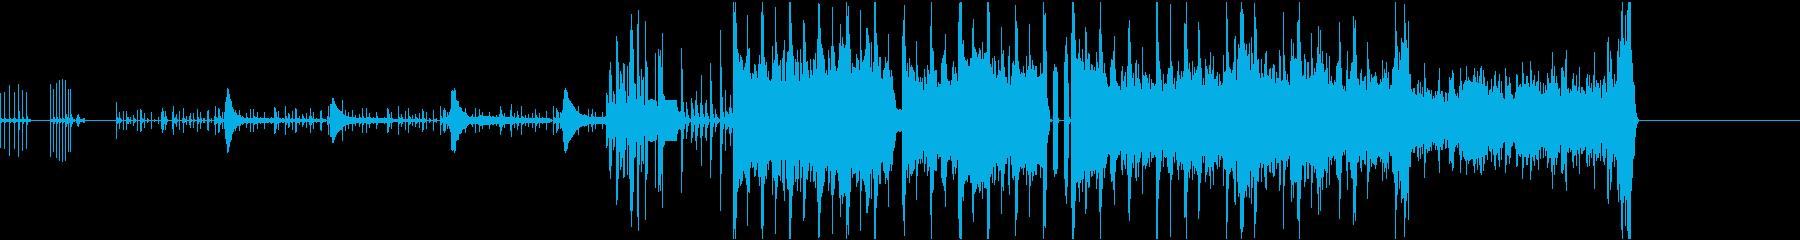 デジタルで機械的な曲の再生済みの波形